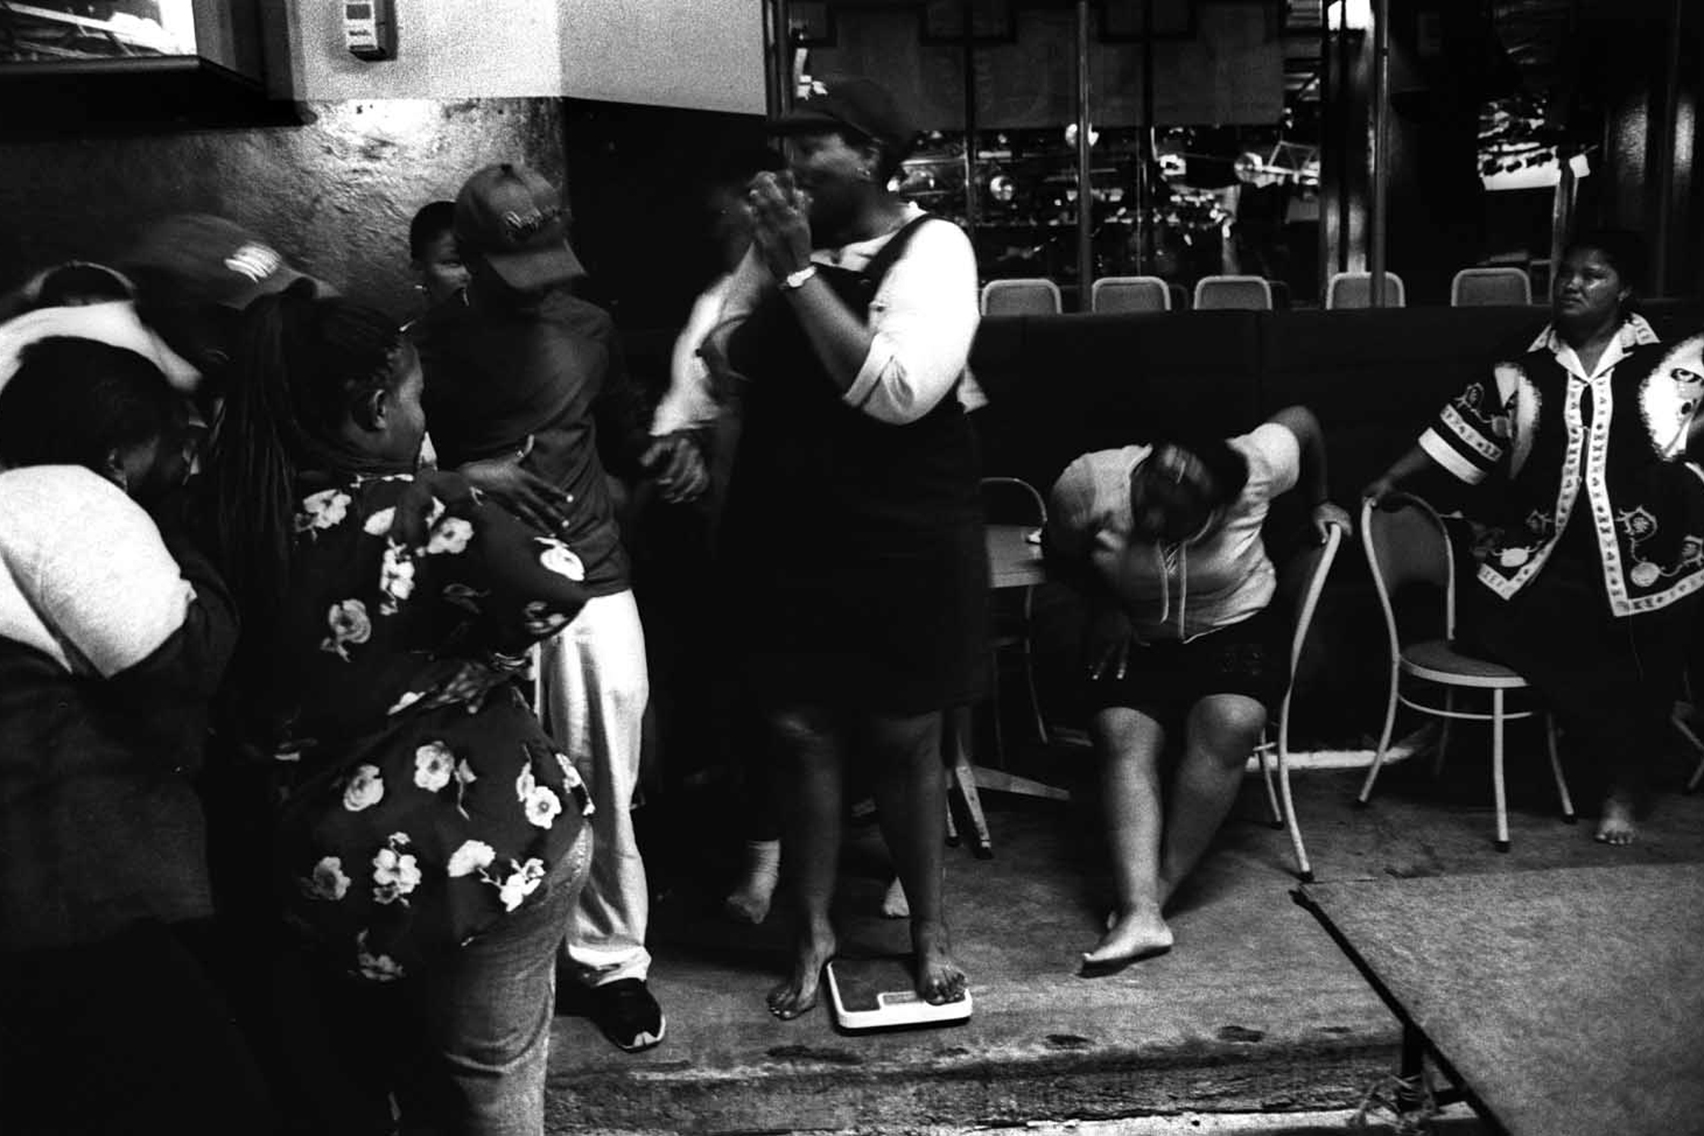 Photojournalism